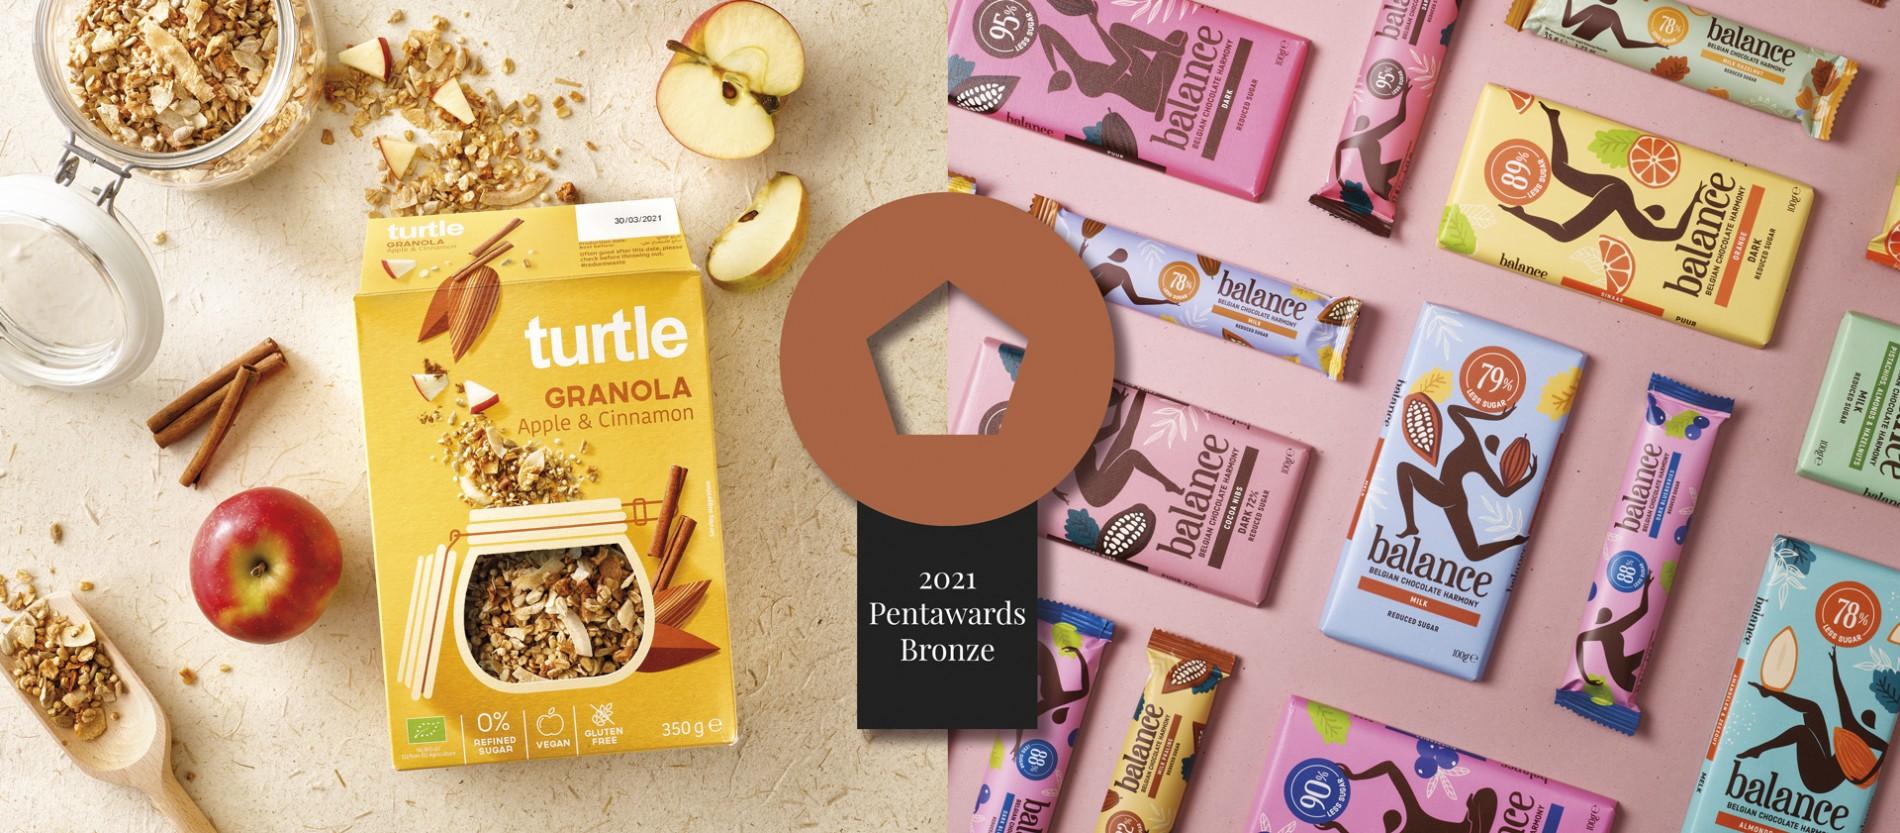 Quatre Mains package design - pent awards 2021, turtle, balance, klingele, quatre mains